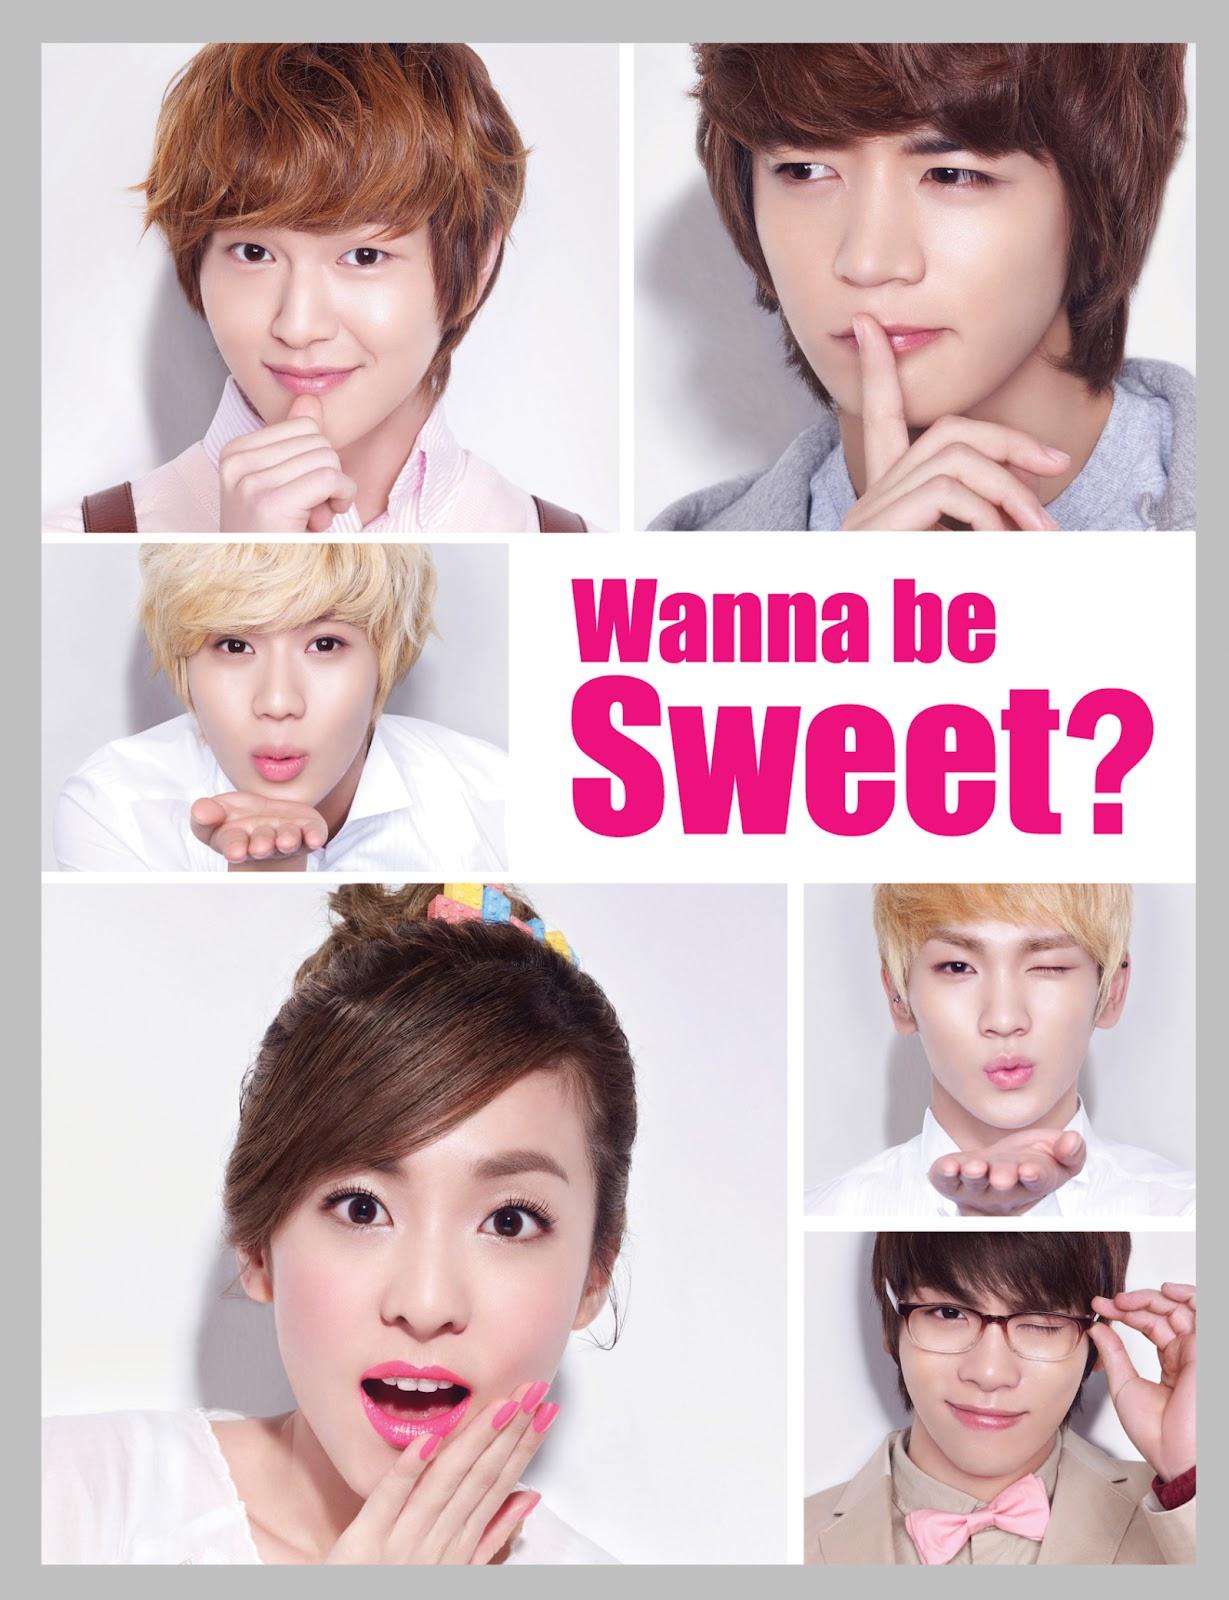 http://2.bp.blogspot.com/-FqvOGO5SvYU/T0wS1AHpe_I/AAAAAAAAAmw/e87bEzxgQGI/s1600/Shinee+sweet.jpg